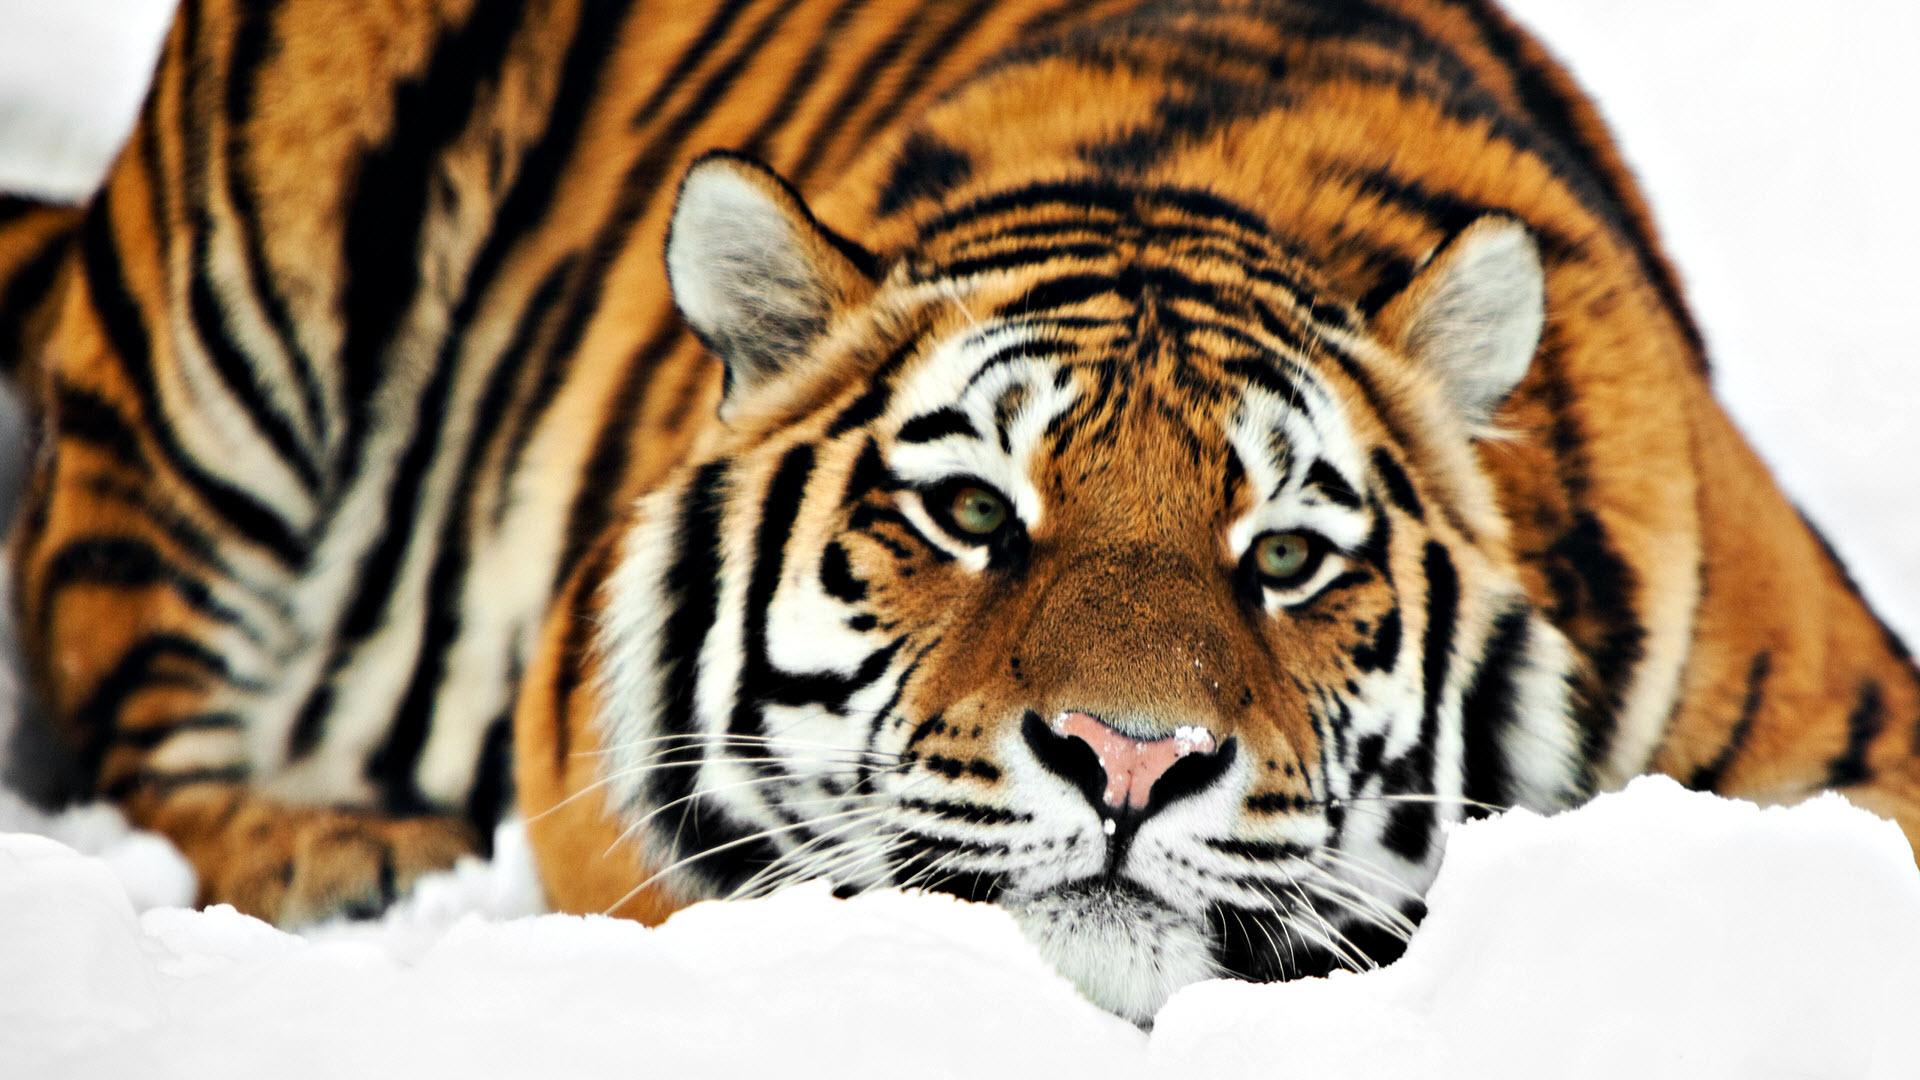 HD Tiger Wallpaper